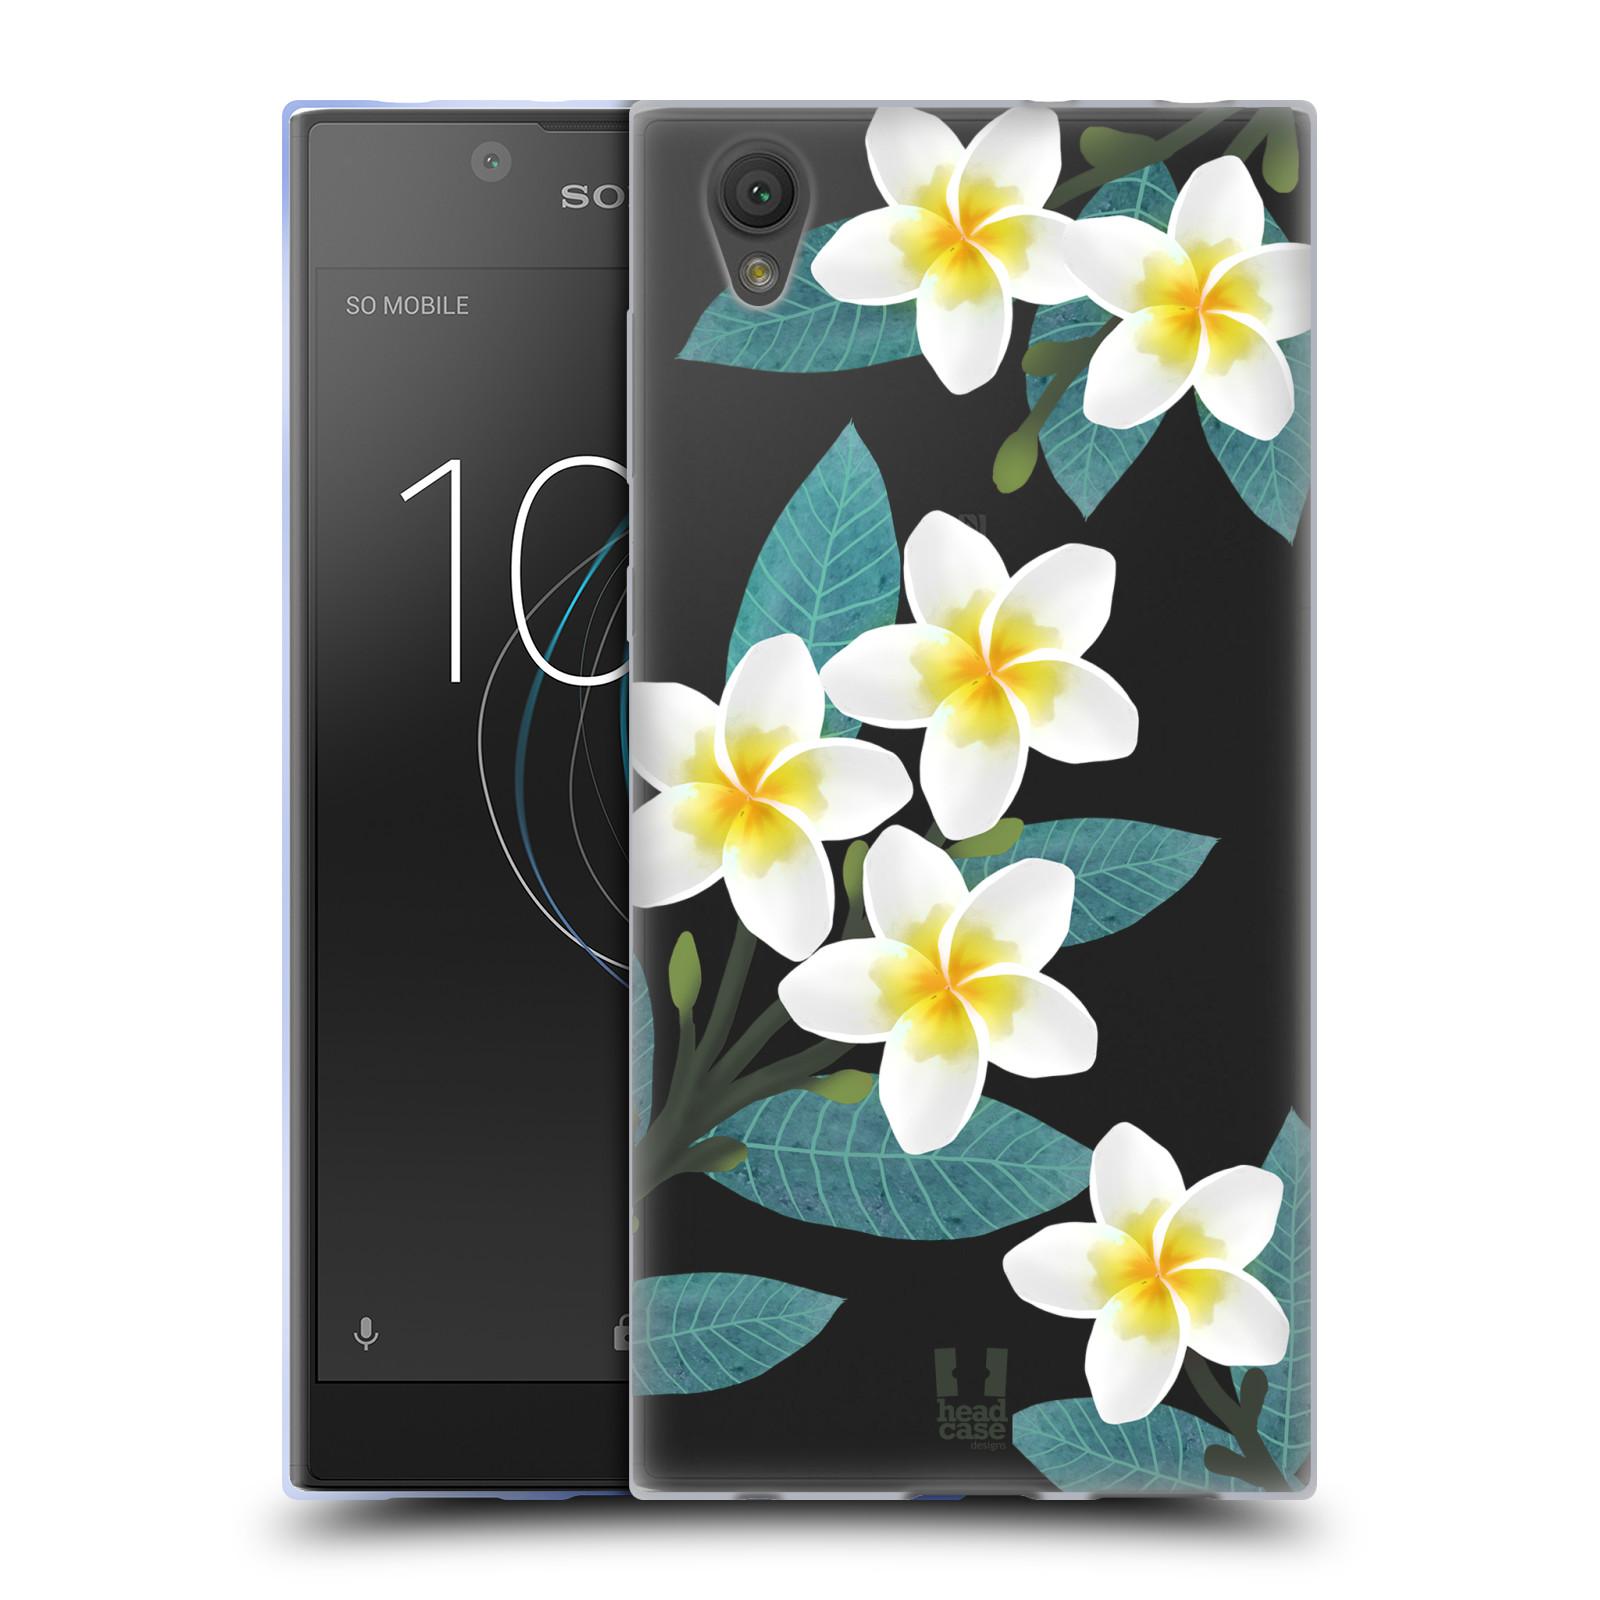 HEAD CASE silikonový obal na mobil Sony Xperia L1 květinové vzory Plumérie